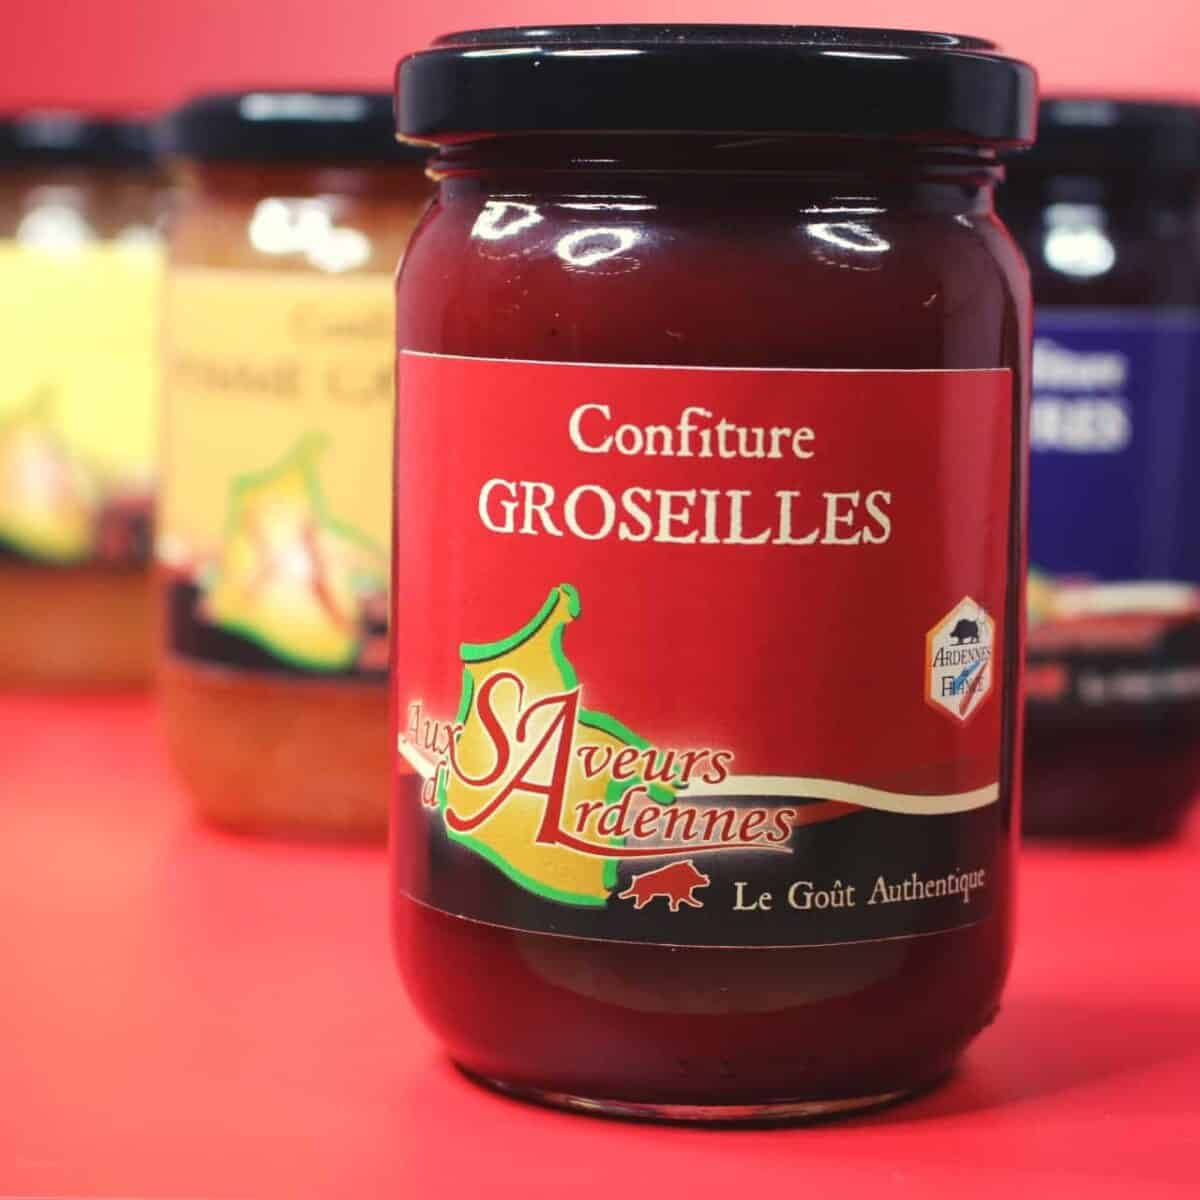 Confitures, Saveurs D'ardennes, Vat, Groseille, Mure, Pomme, Poire, Rhubarbe